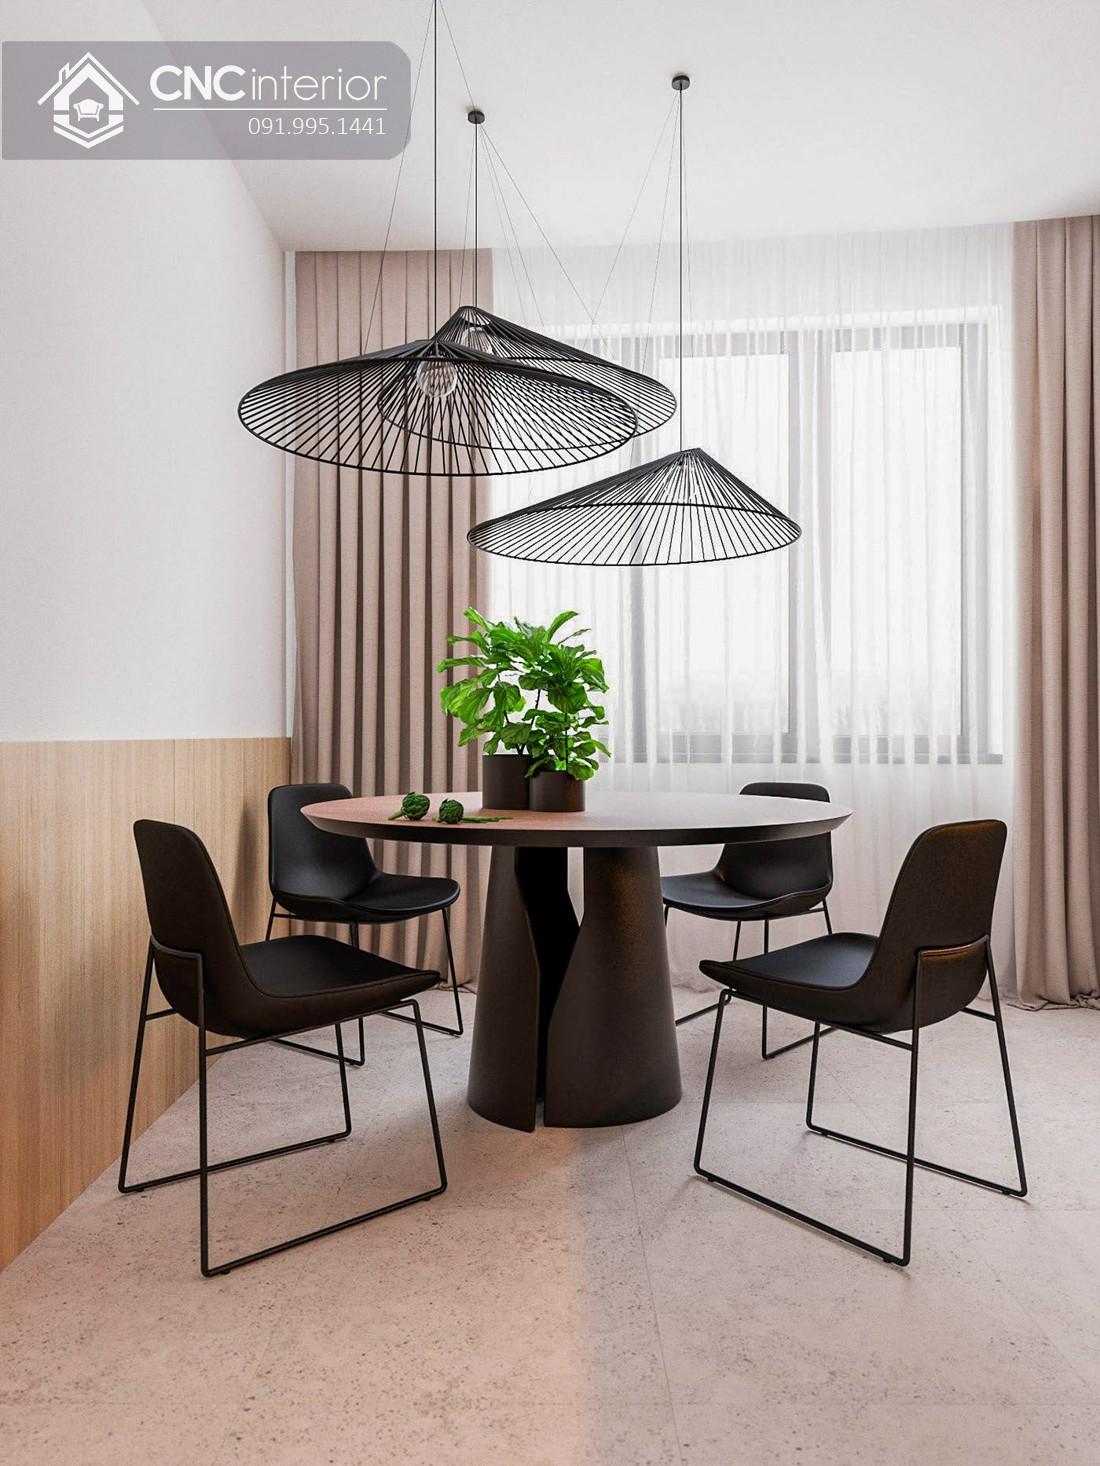 Bộ bàn ăn phong cách Contemporary CNC 59 1